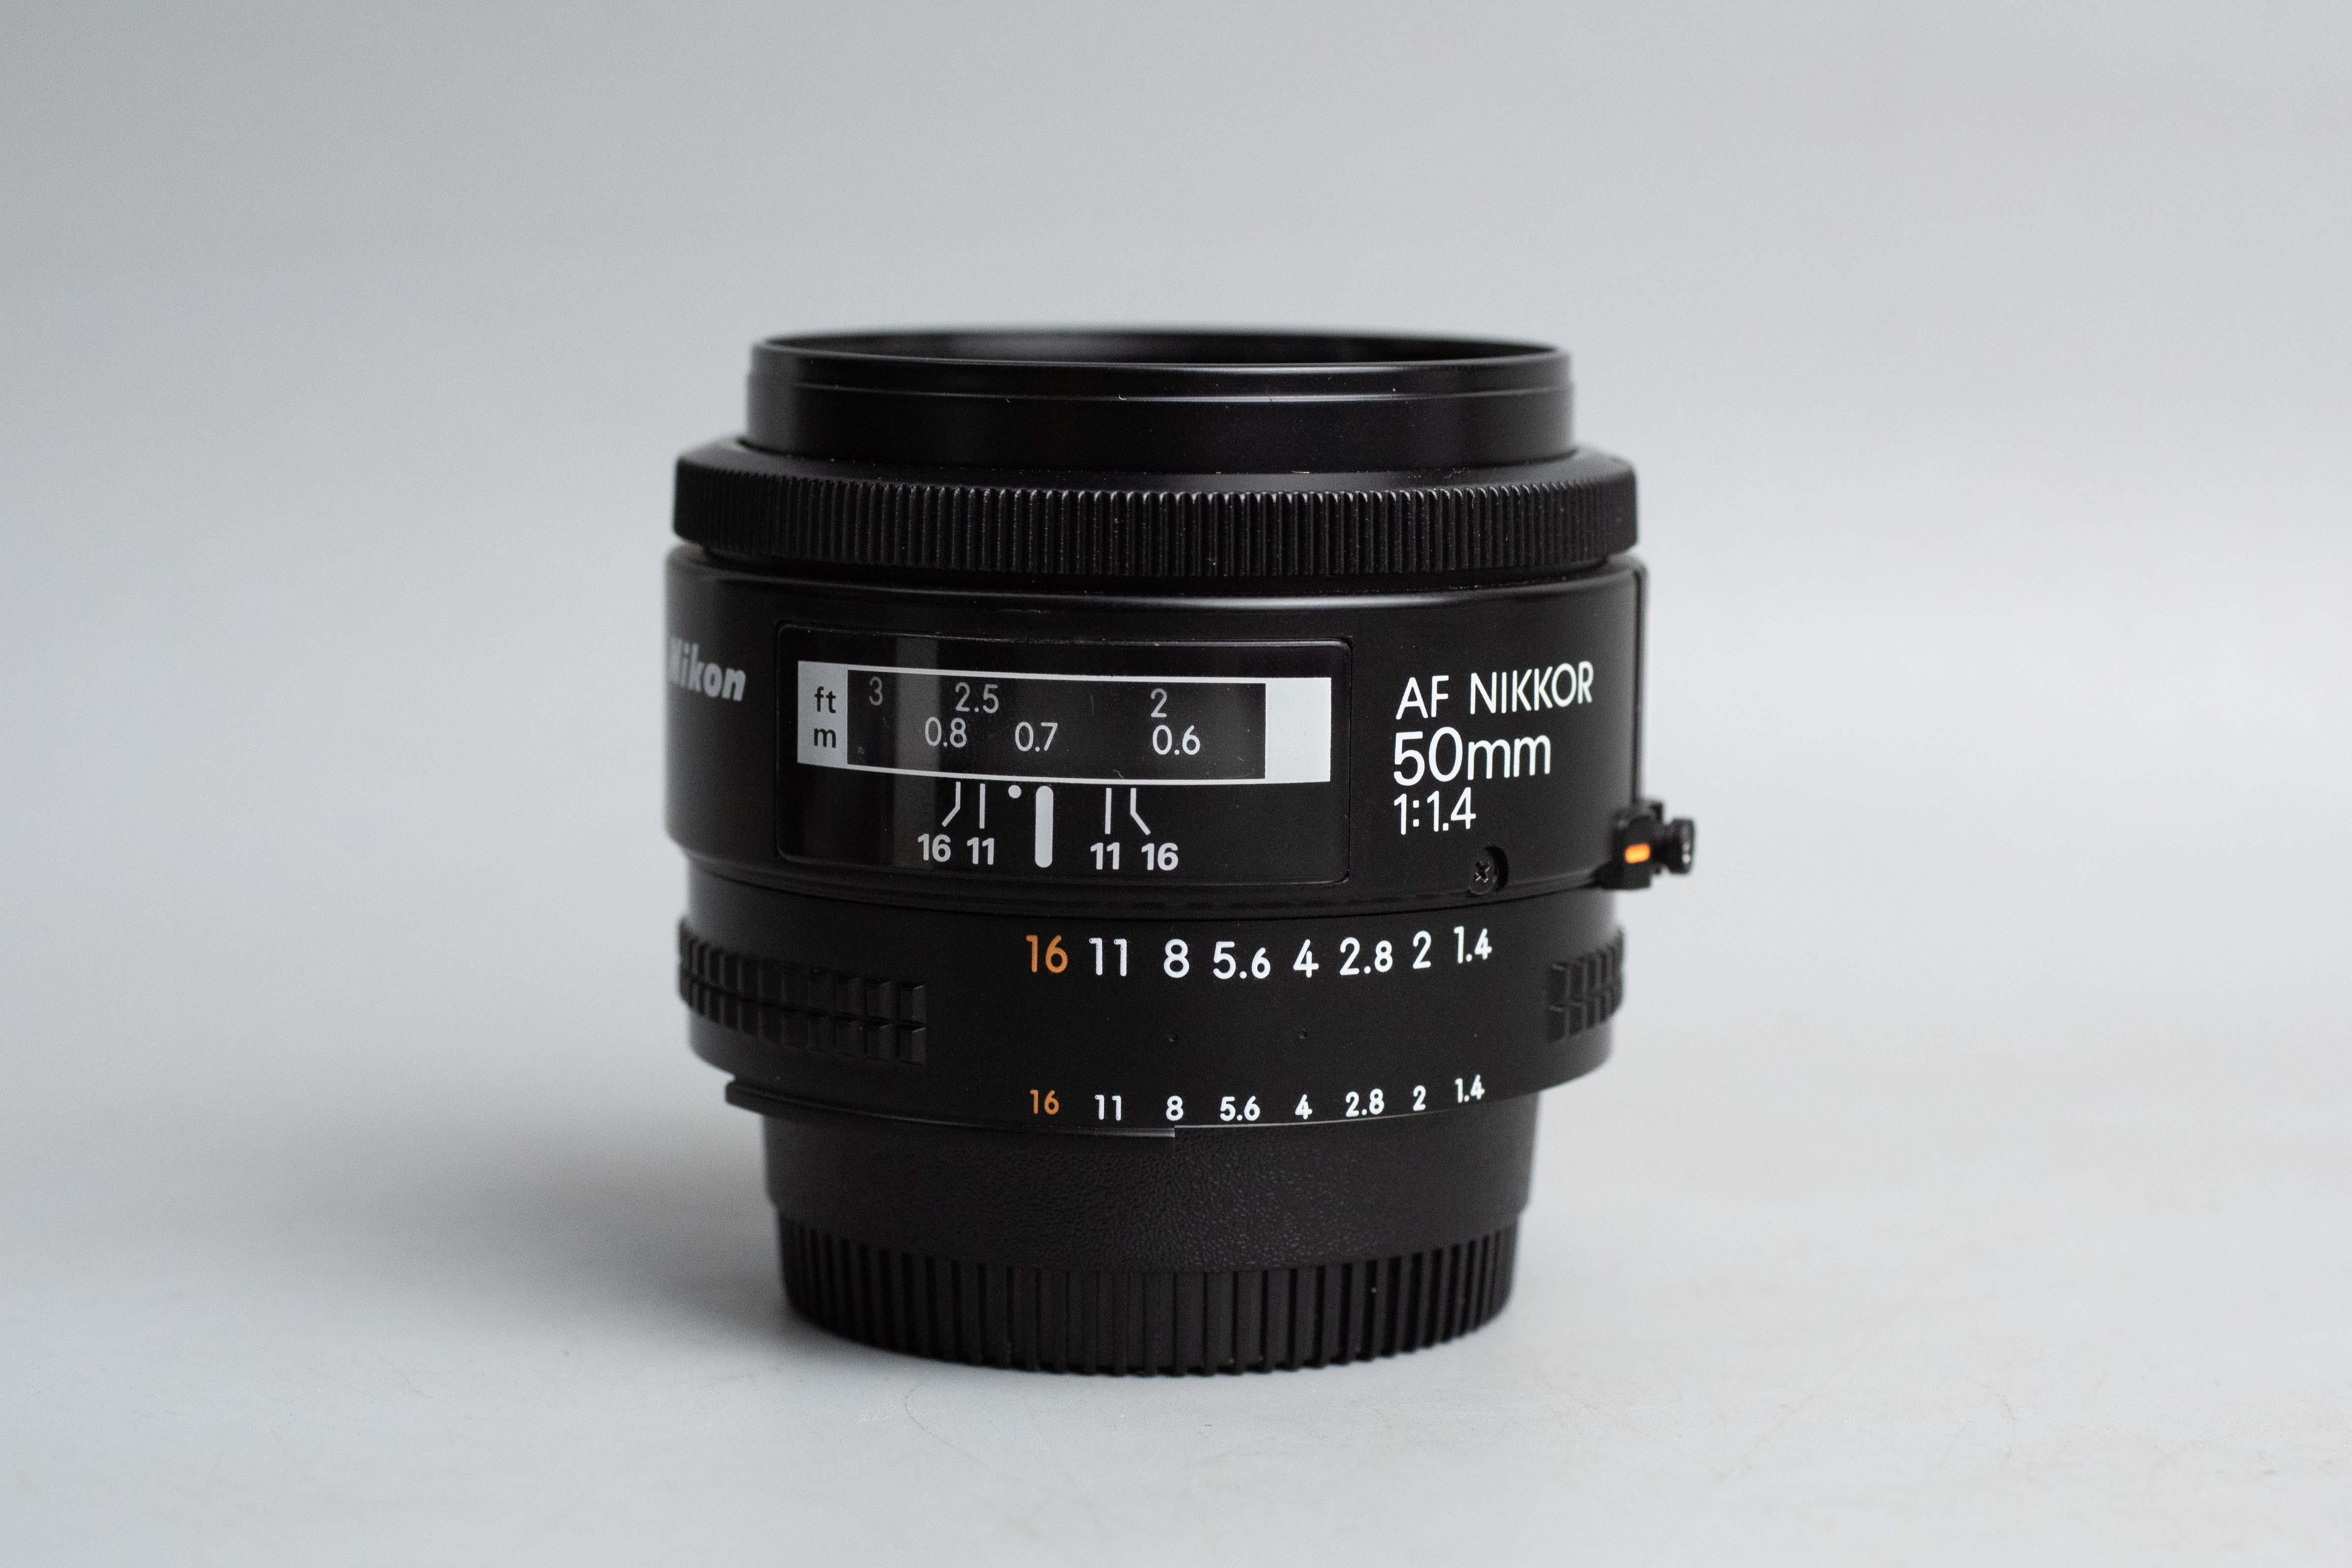 nikon-af-50mm-f1-4-non-d-50-1-4-18378